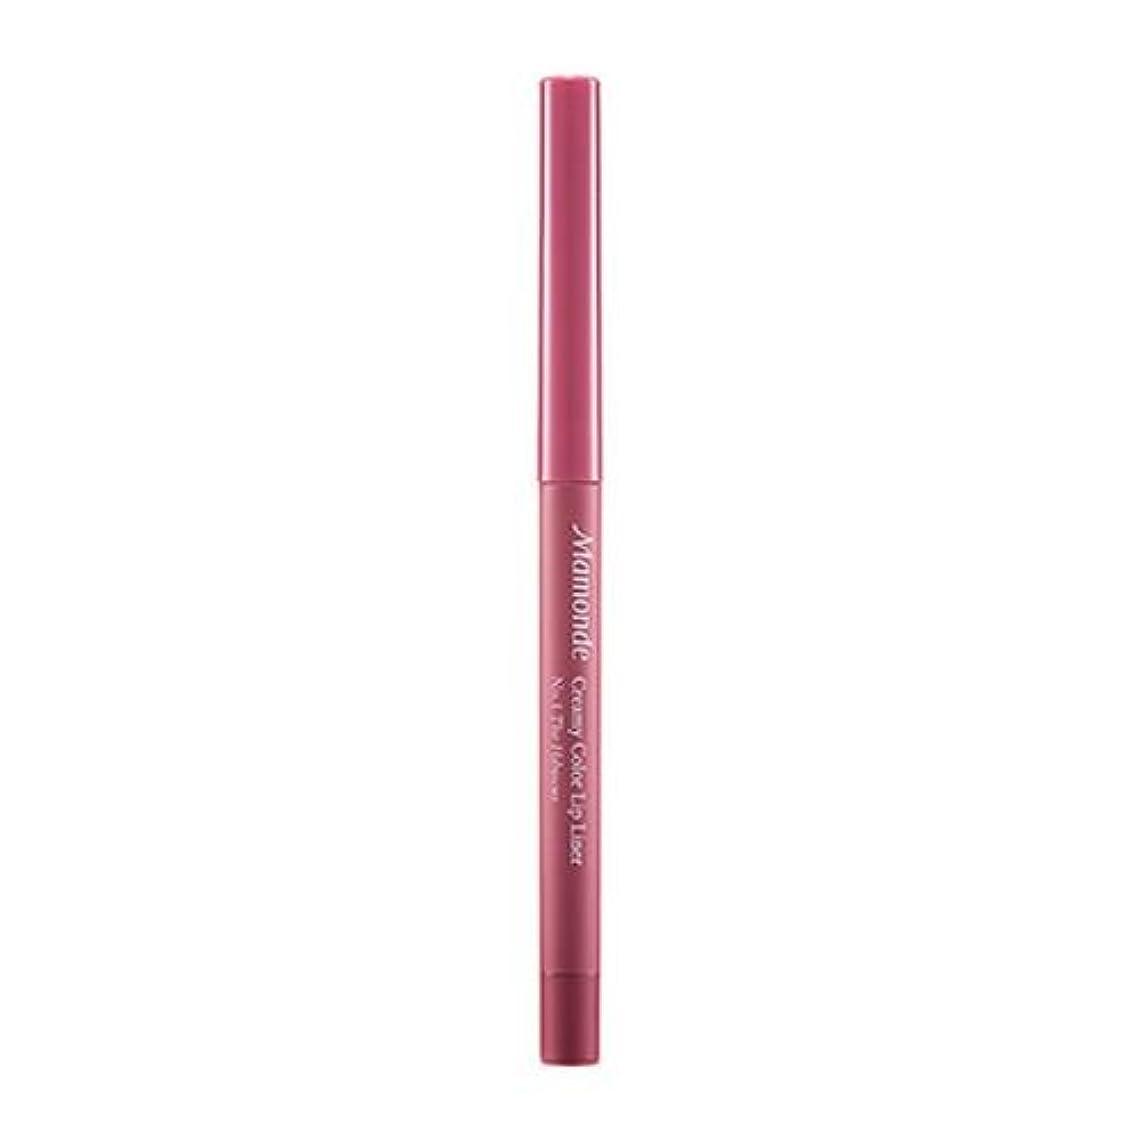 広く分泌する舌Mamonde Creamy Color Lipliner 0.3g/マモンド クリーミー カラー リップライナー 0.3g (#1 The Hibiscucs) [並行輸入品]